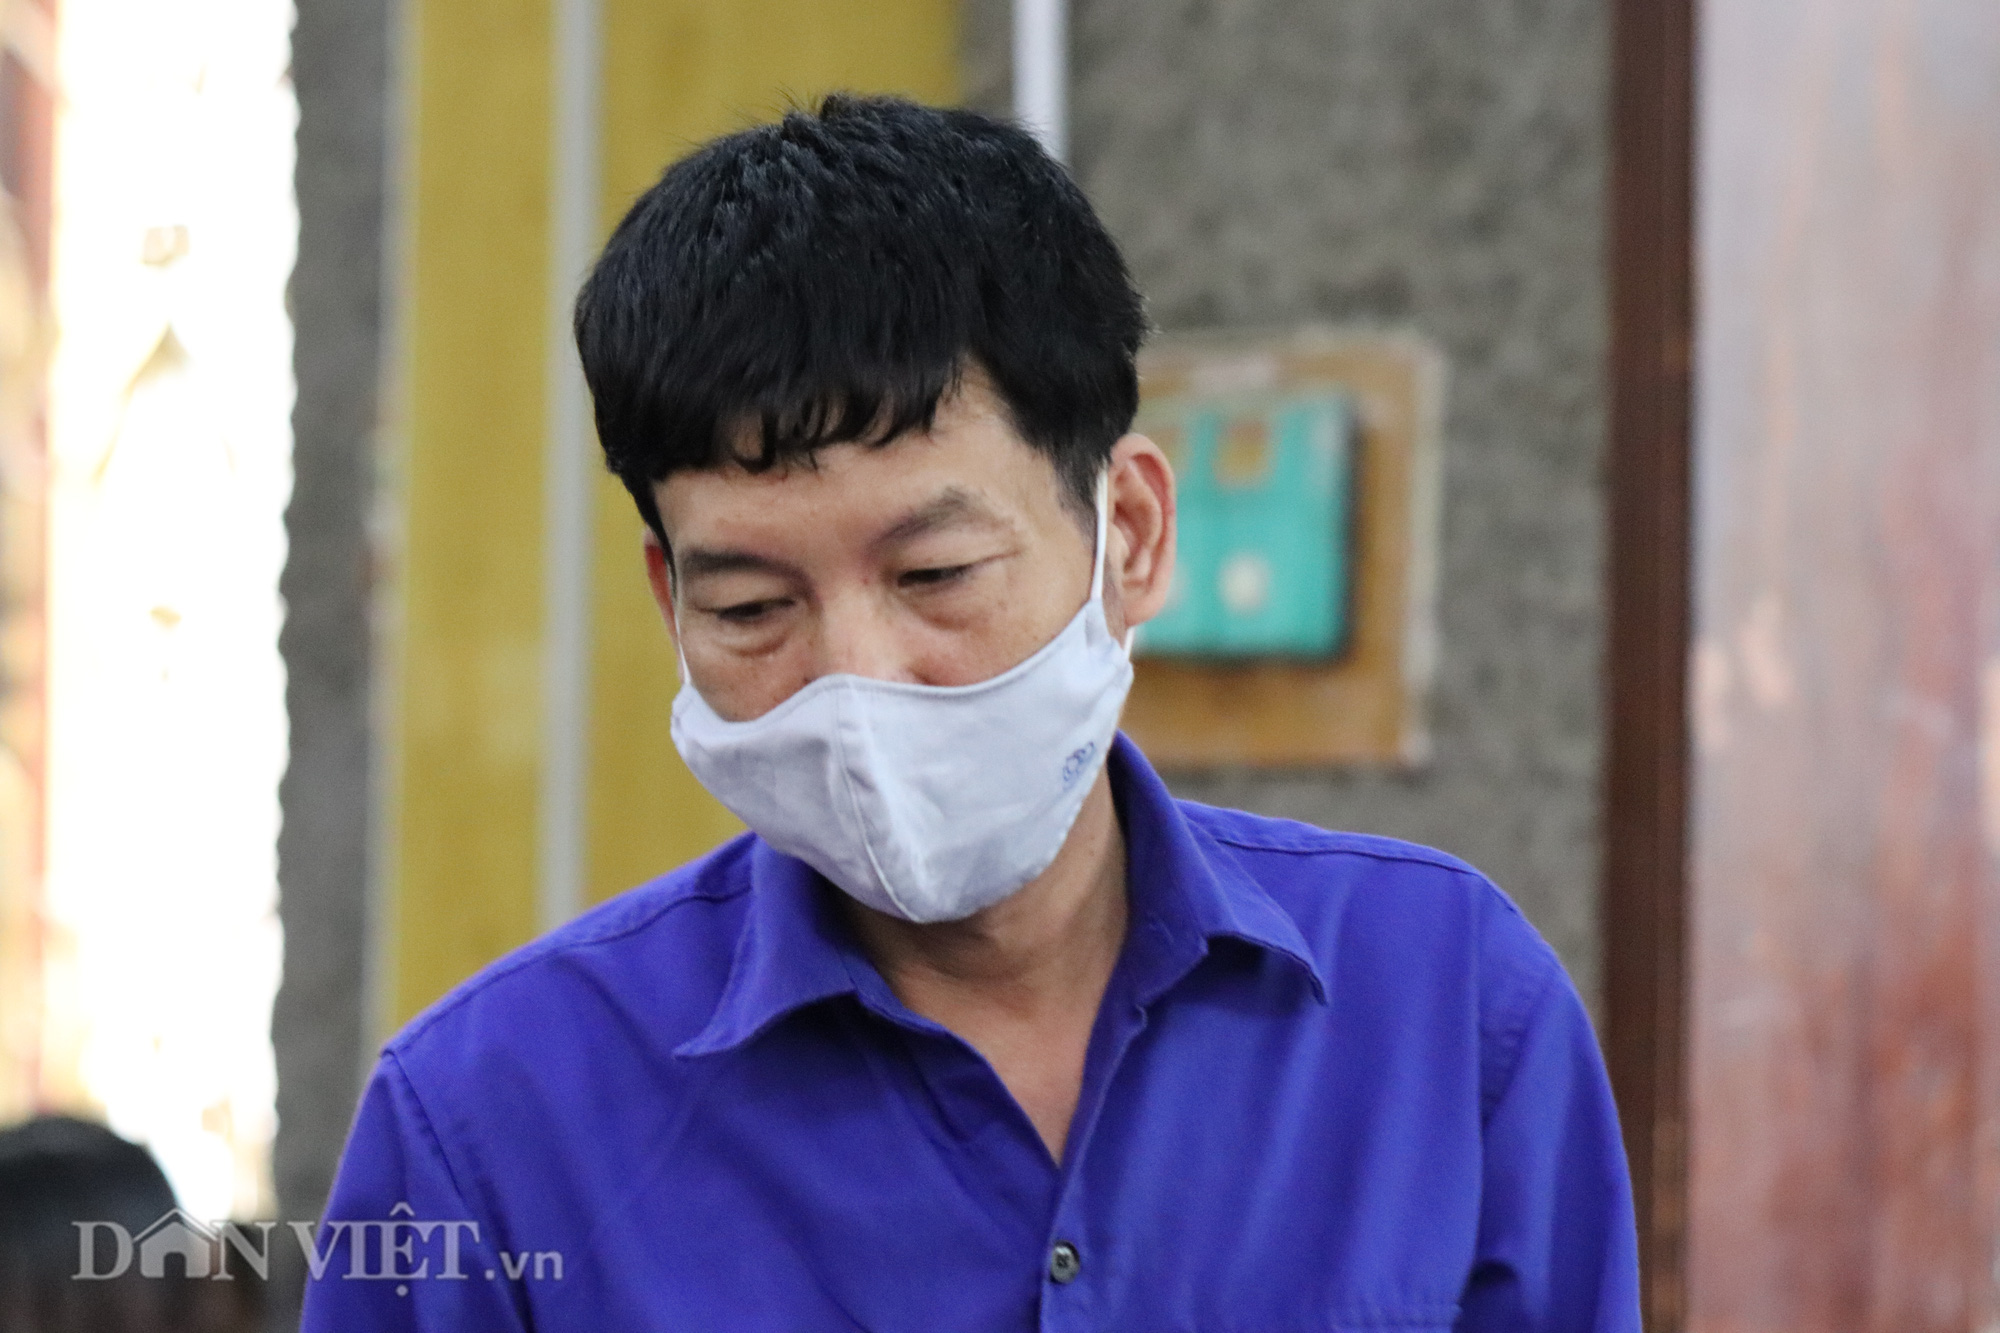 Bị cáo Trần Xuân Yến: Tôi bị ép cung - Ảnh 3.